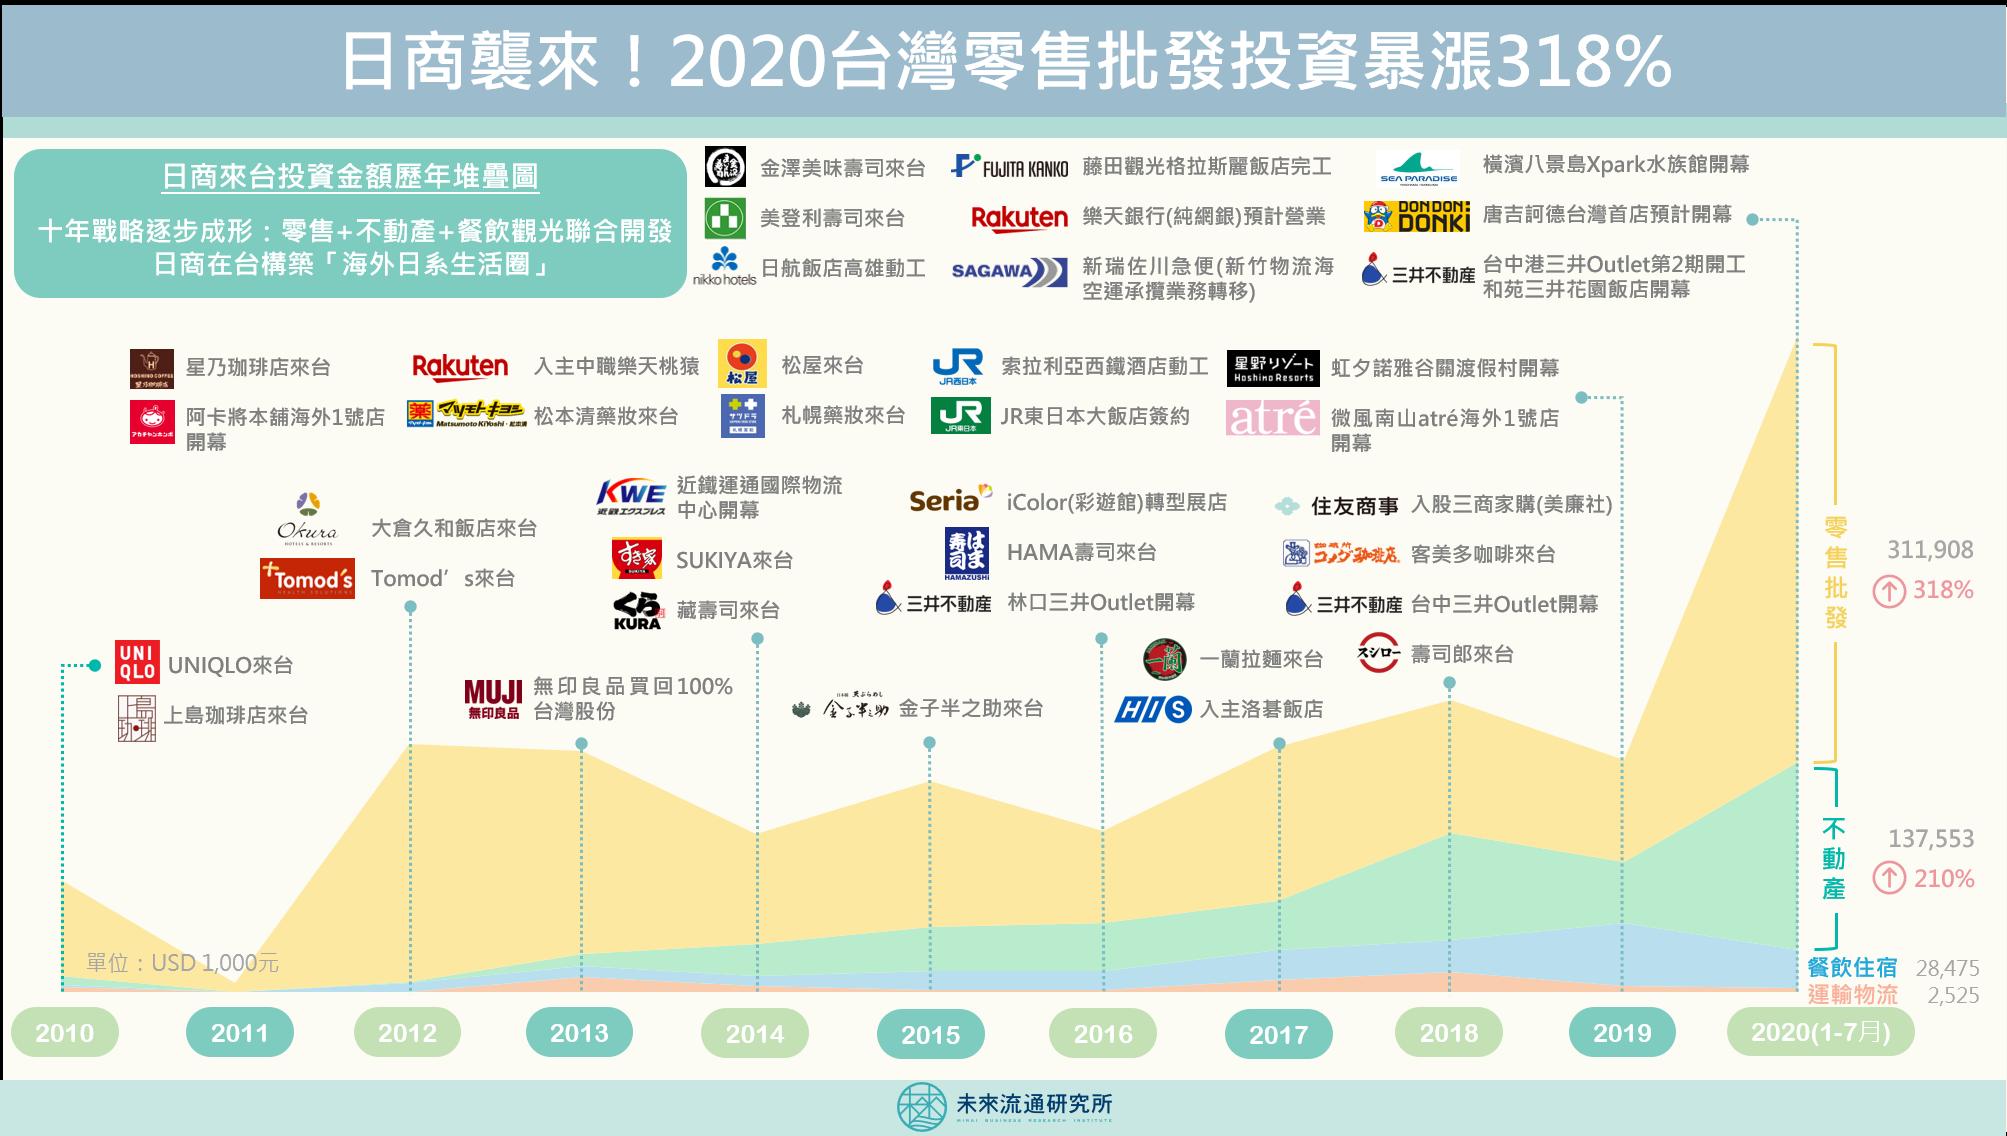 2020【商業數據圖解】日商來台零售批發投資額暴漲318%